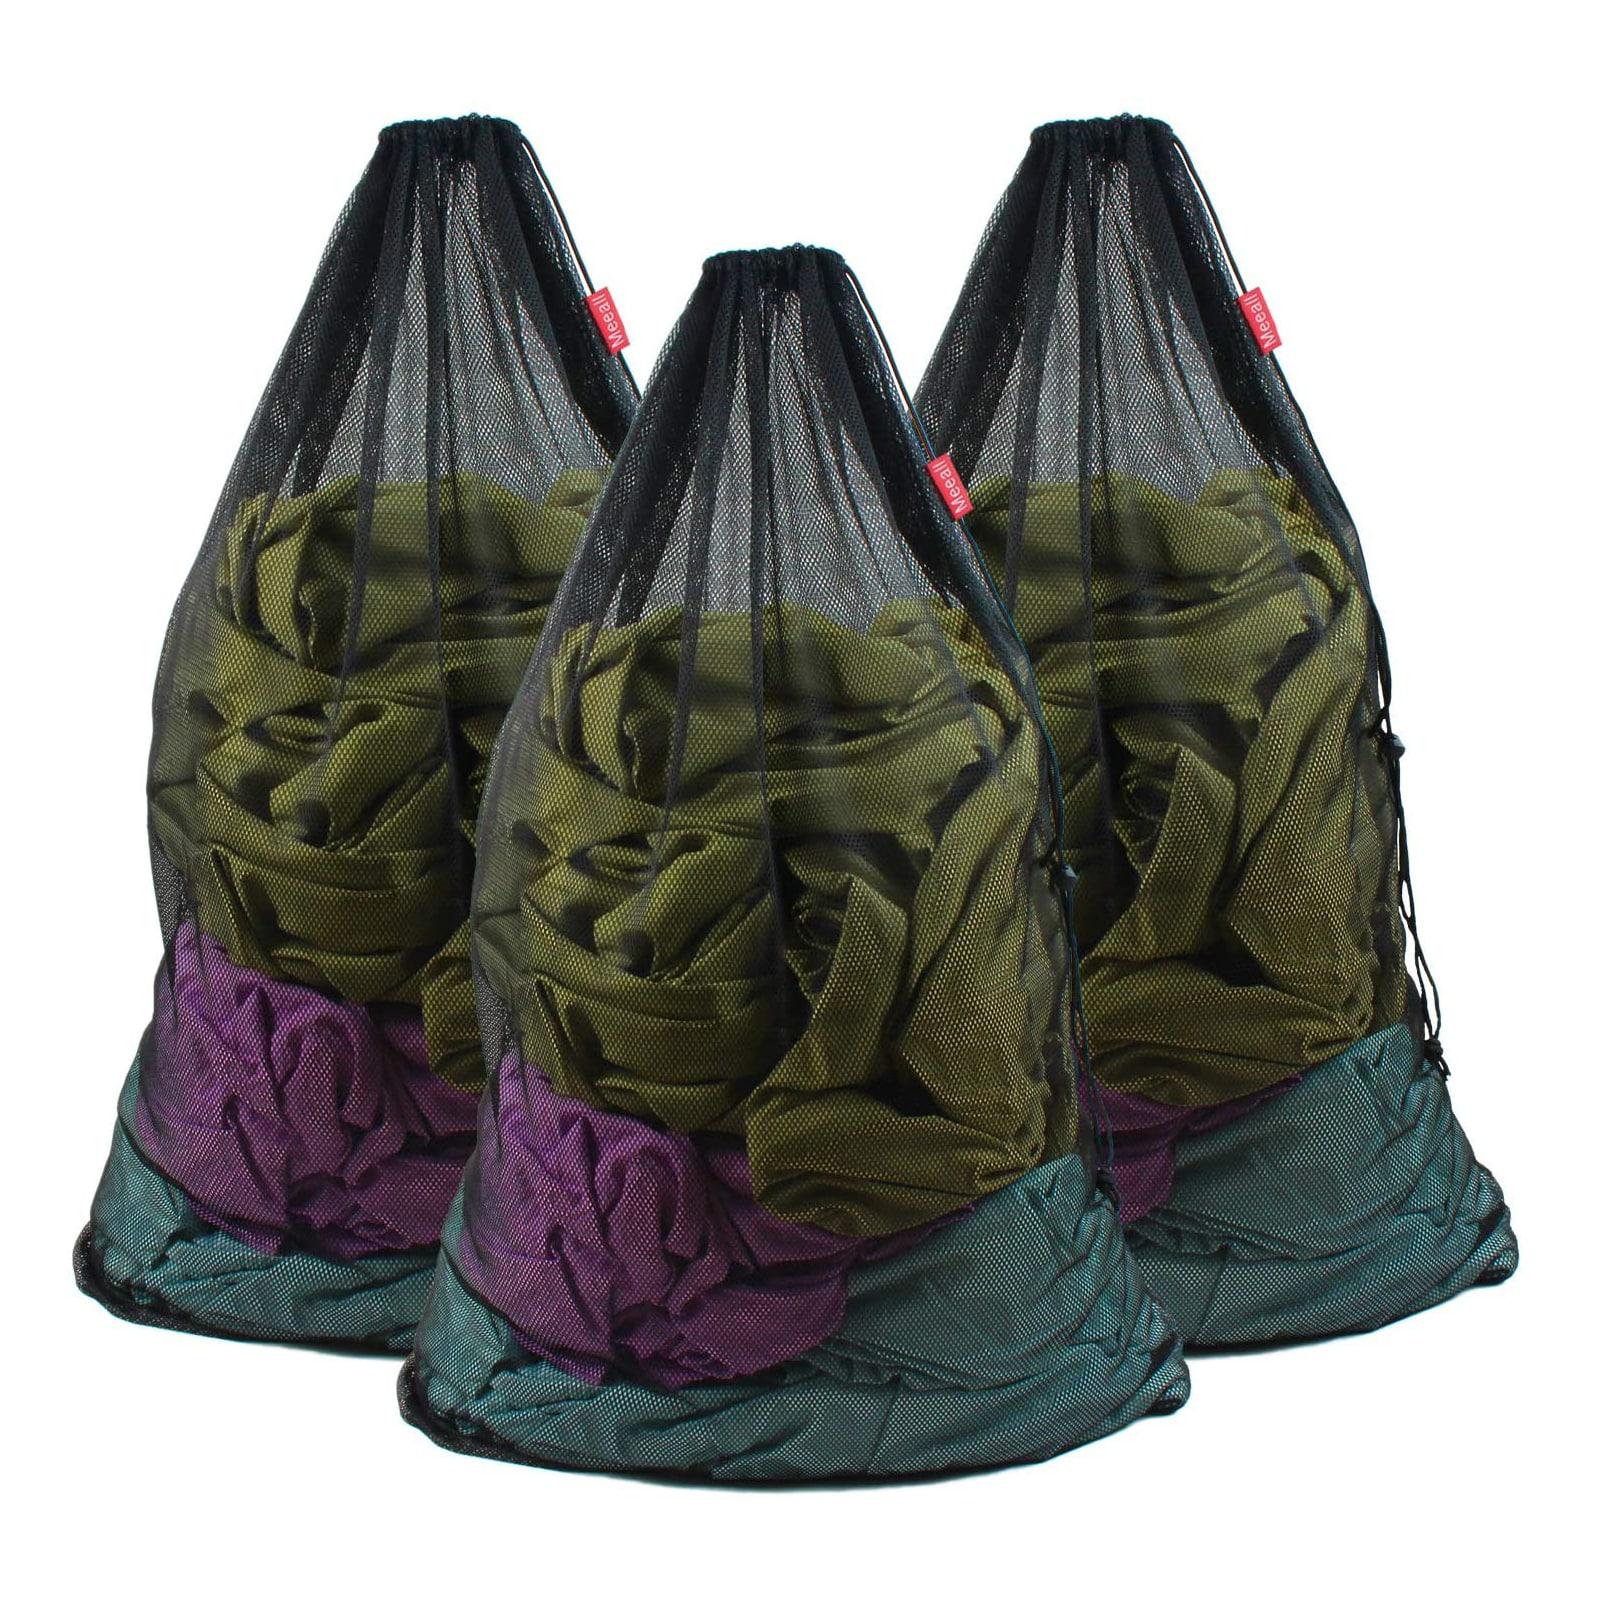 Meeall Mesh Laundry Bag